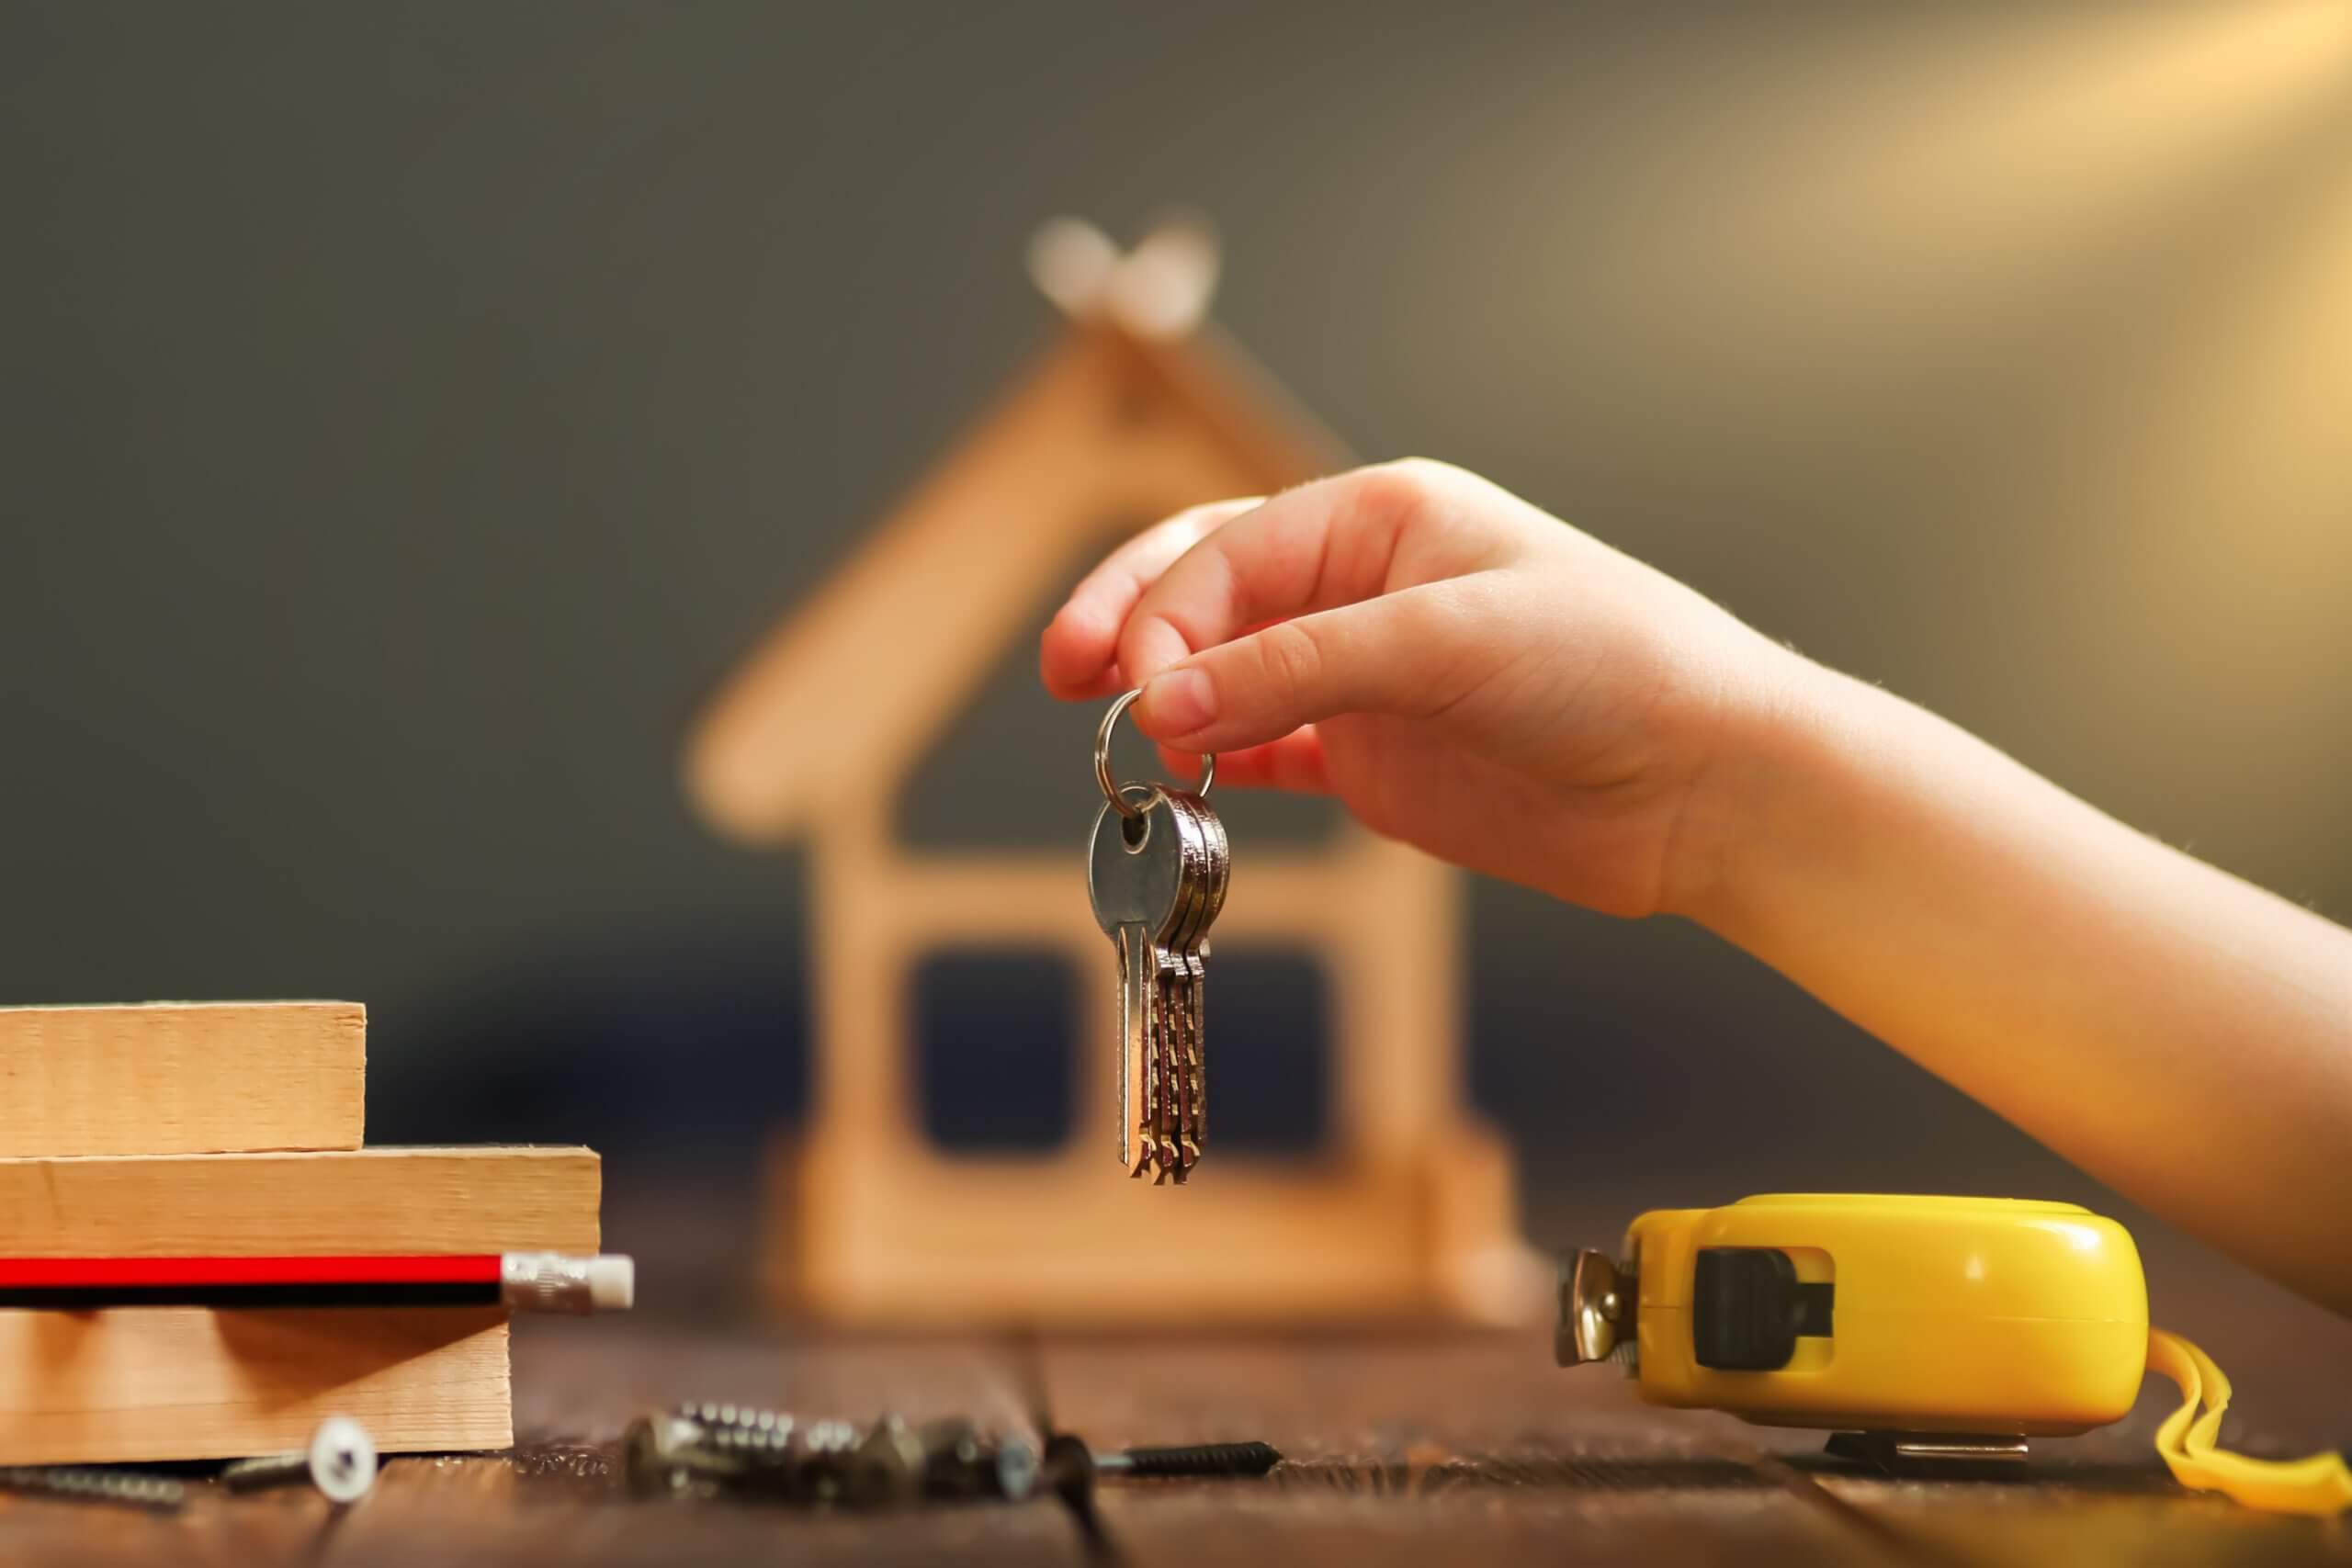 מדריך לרכישת נכס כל מה שצריך לדעת